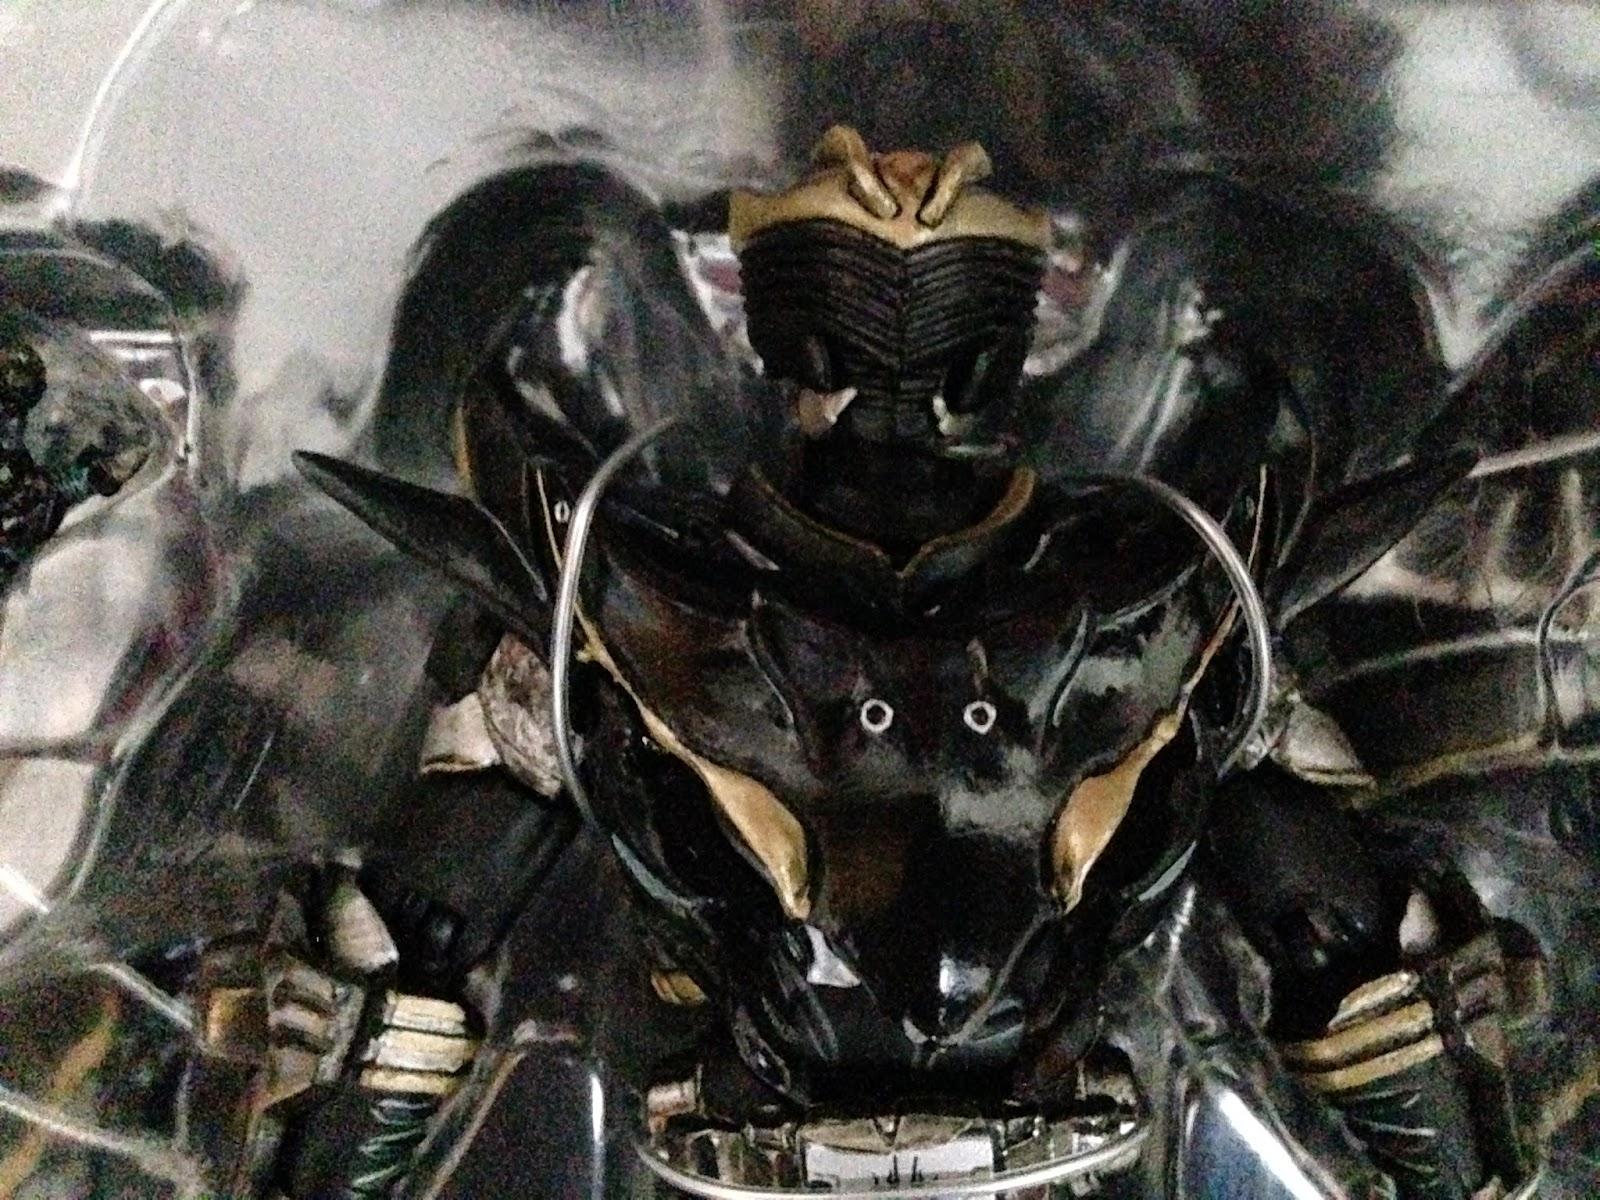 Kamen Rider Ryuki Spesial 13 Riders